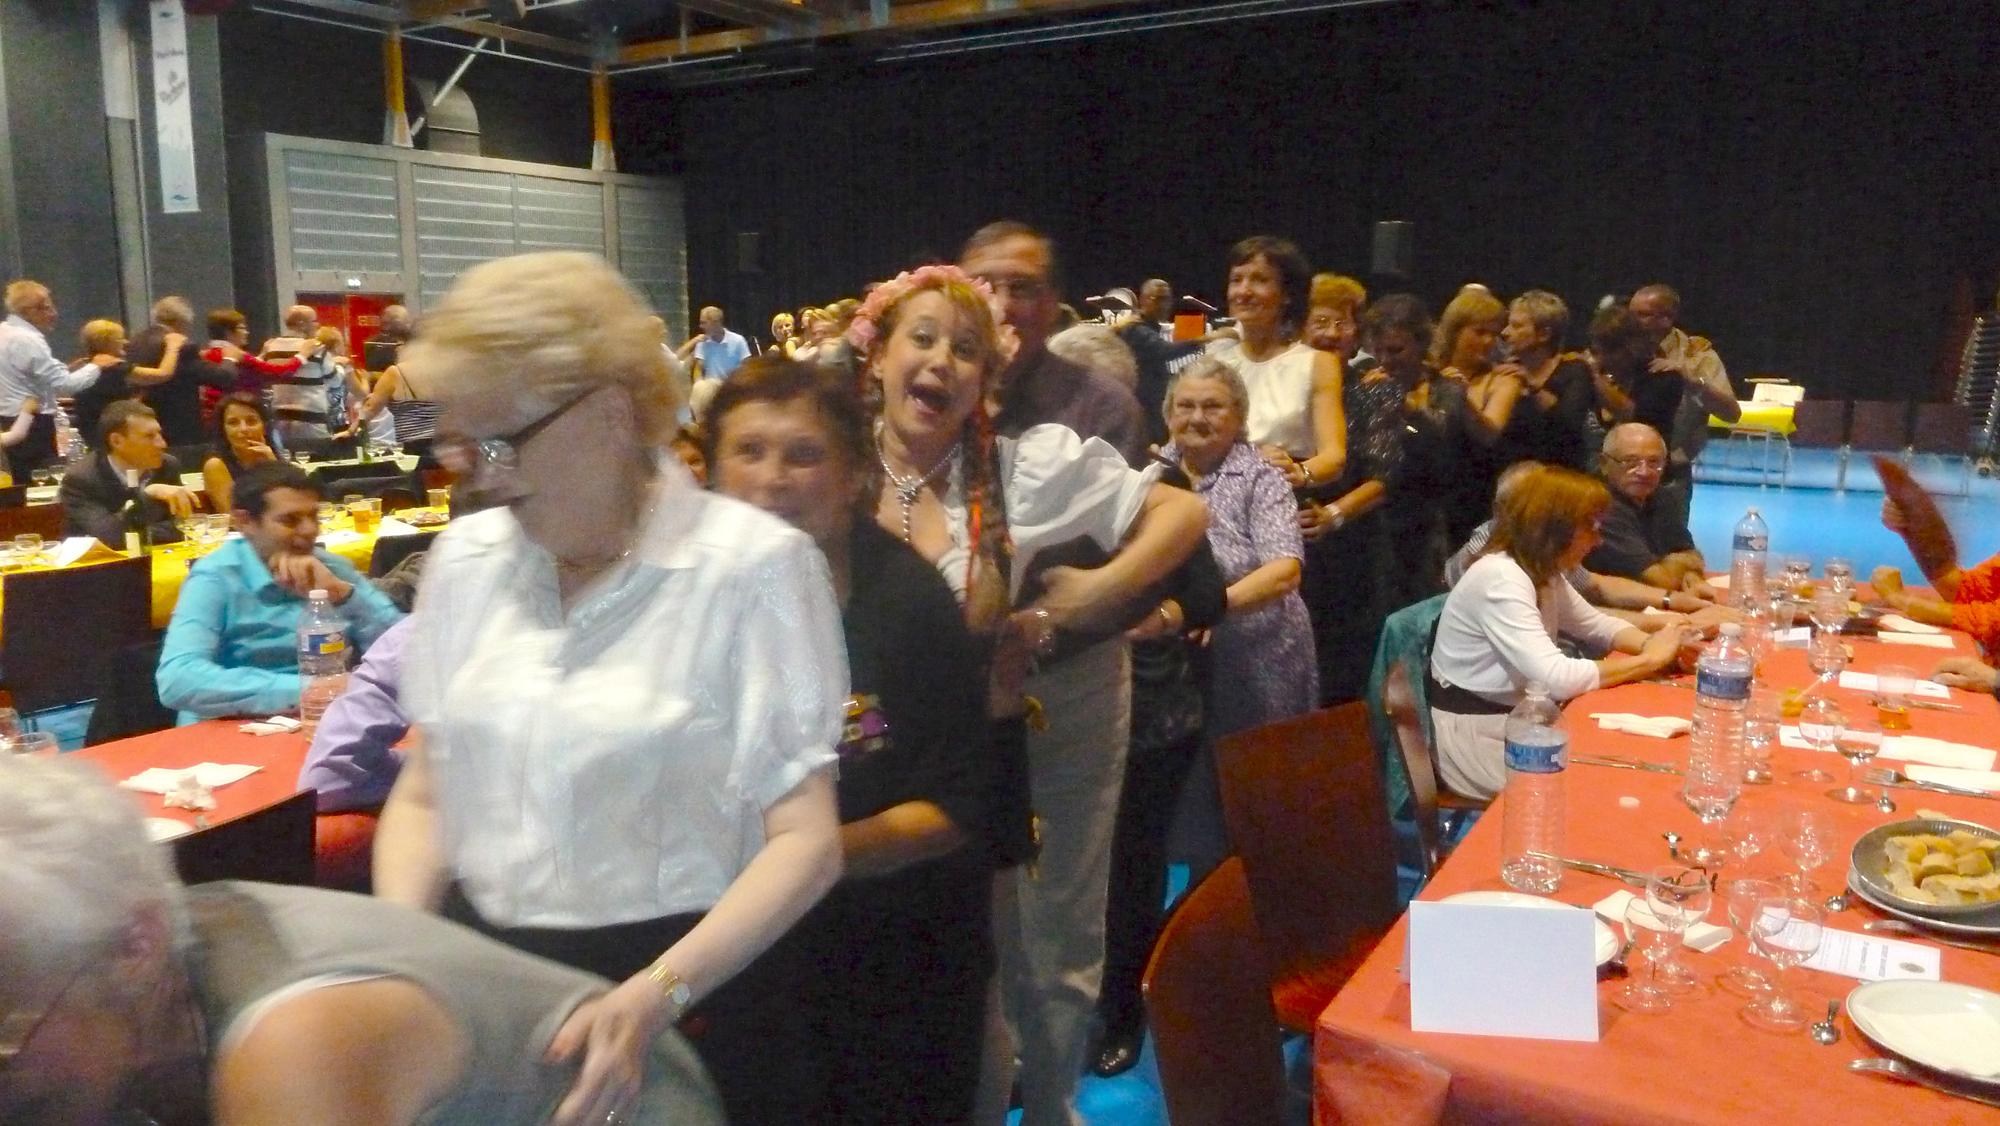 6a Lion's Club Pont à Mousson 29 septembre 2012 orchestre bavarois animation avec le public en chenille